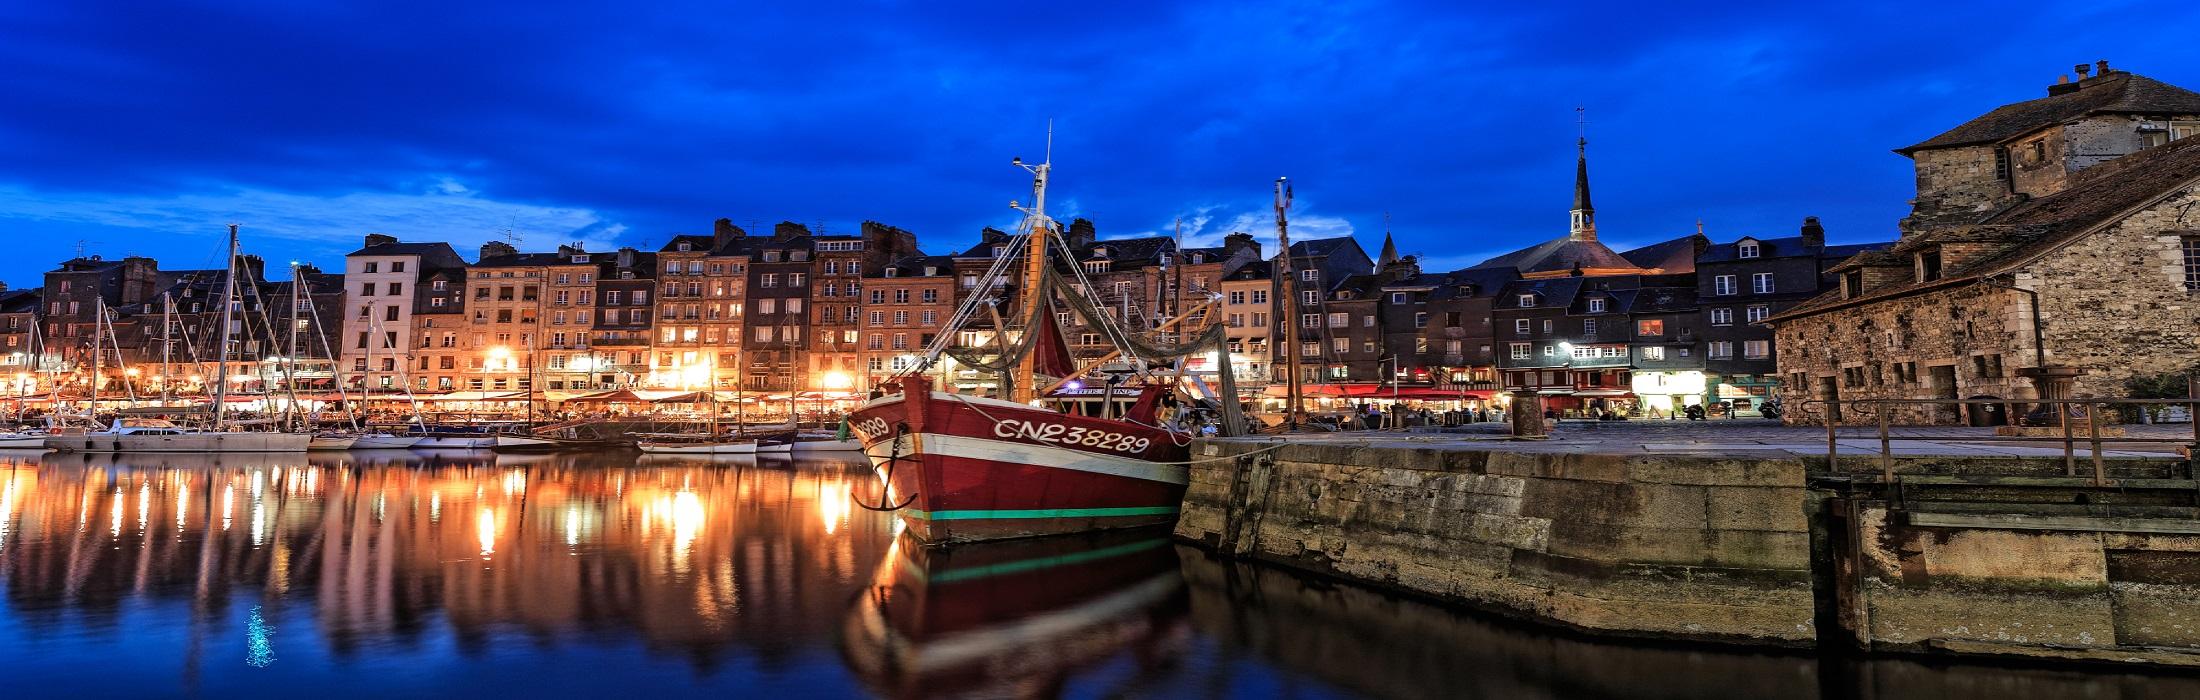 Honfleur, ville portuaire  Port de pêche L'avant-port est réservé à la flotille de pêche qui s'amarre le long de ses quais et y décharge la 1